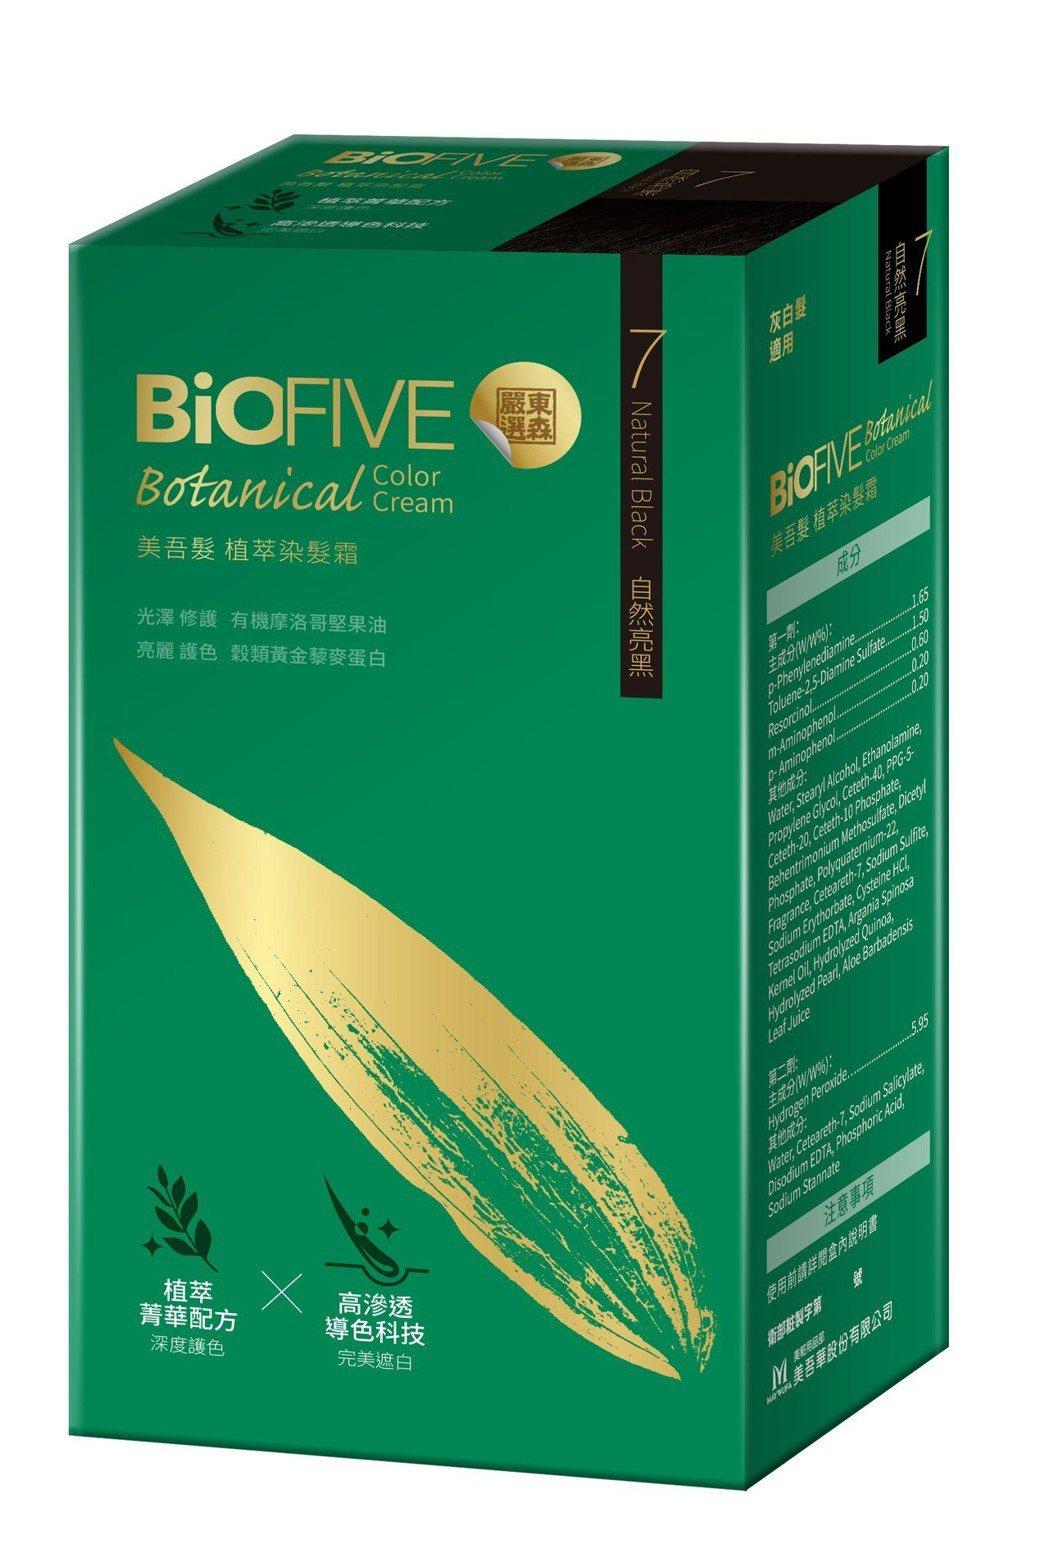 美吾髮攜手東森購物推出聯名款染髮霜-美吾髮BioFIVE 植萃染髮霜。東森購物/...